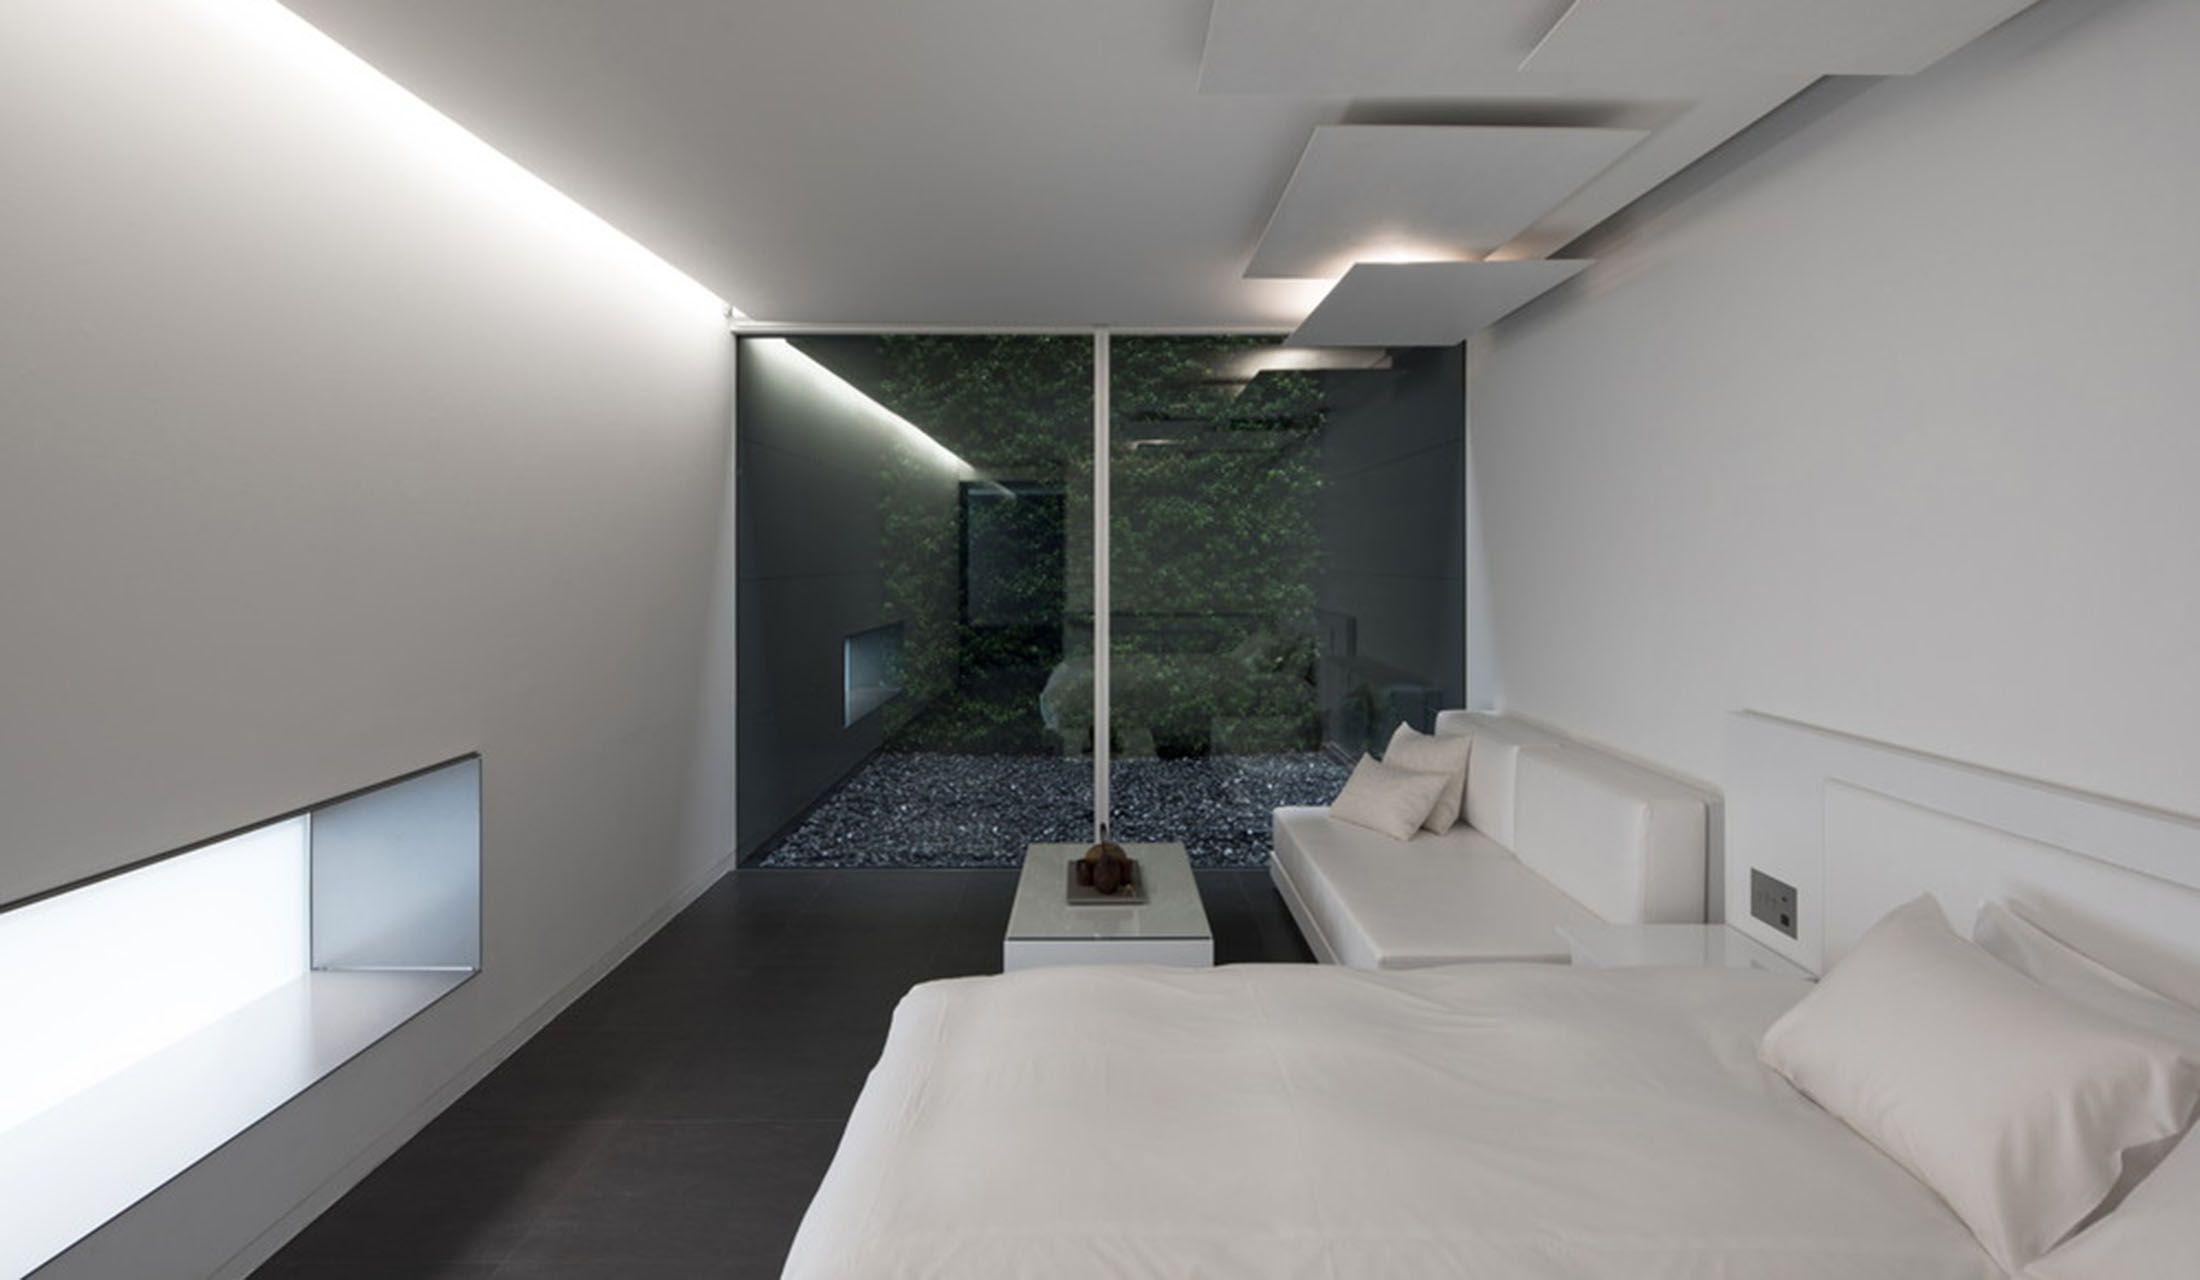 「MOGANA」の客室内